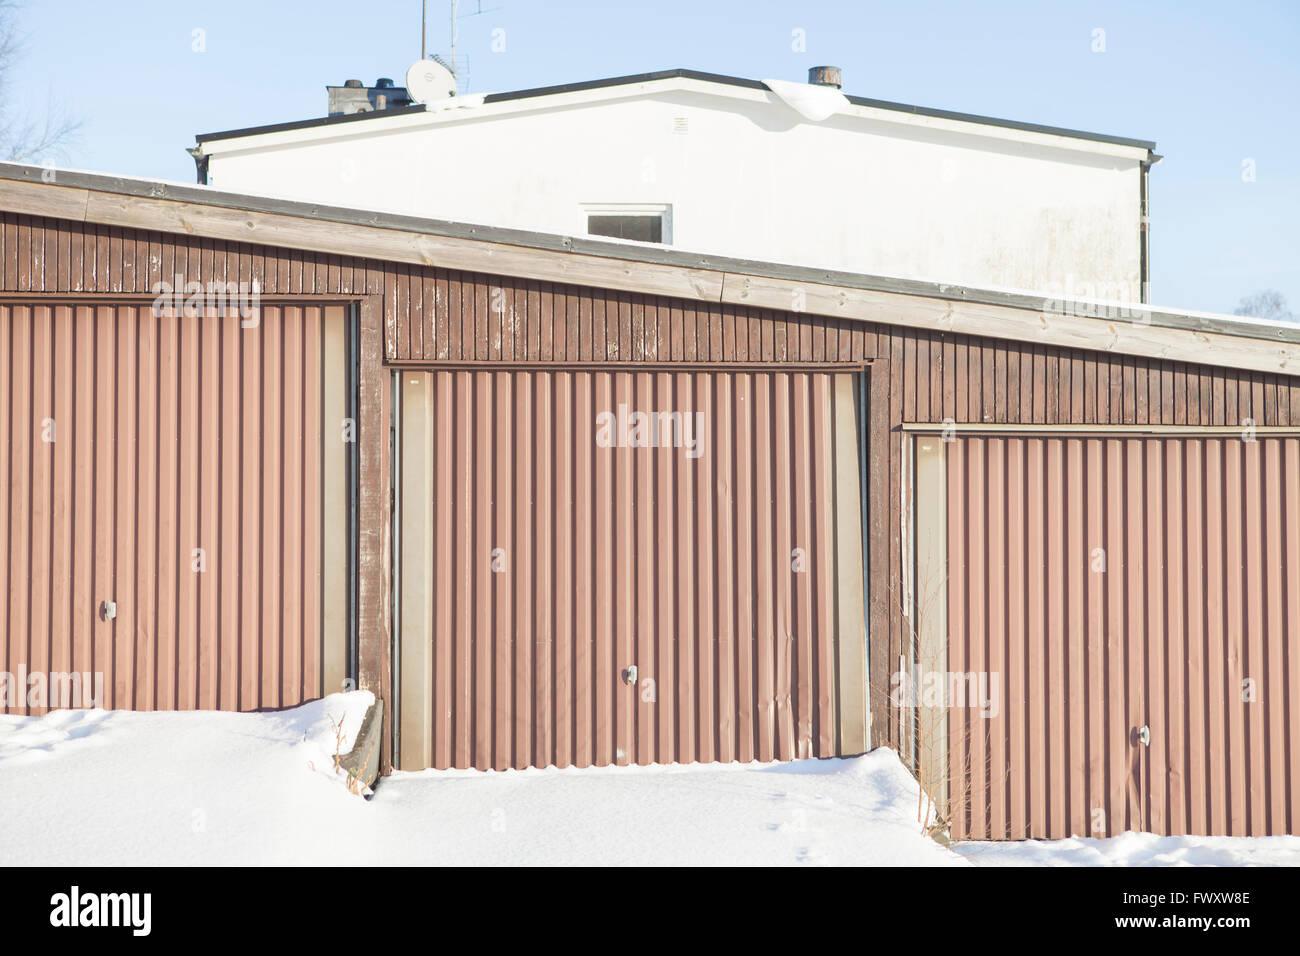 Suecia, Vastergotland, Lerum, primerísimos de tres puertas de garajes adyacentes Foto de stock